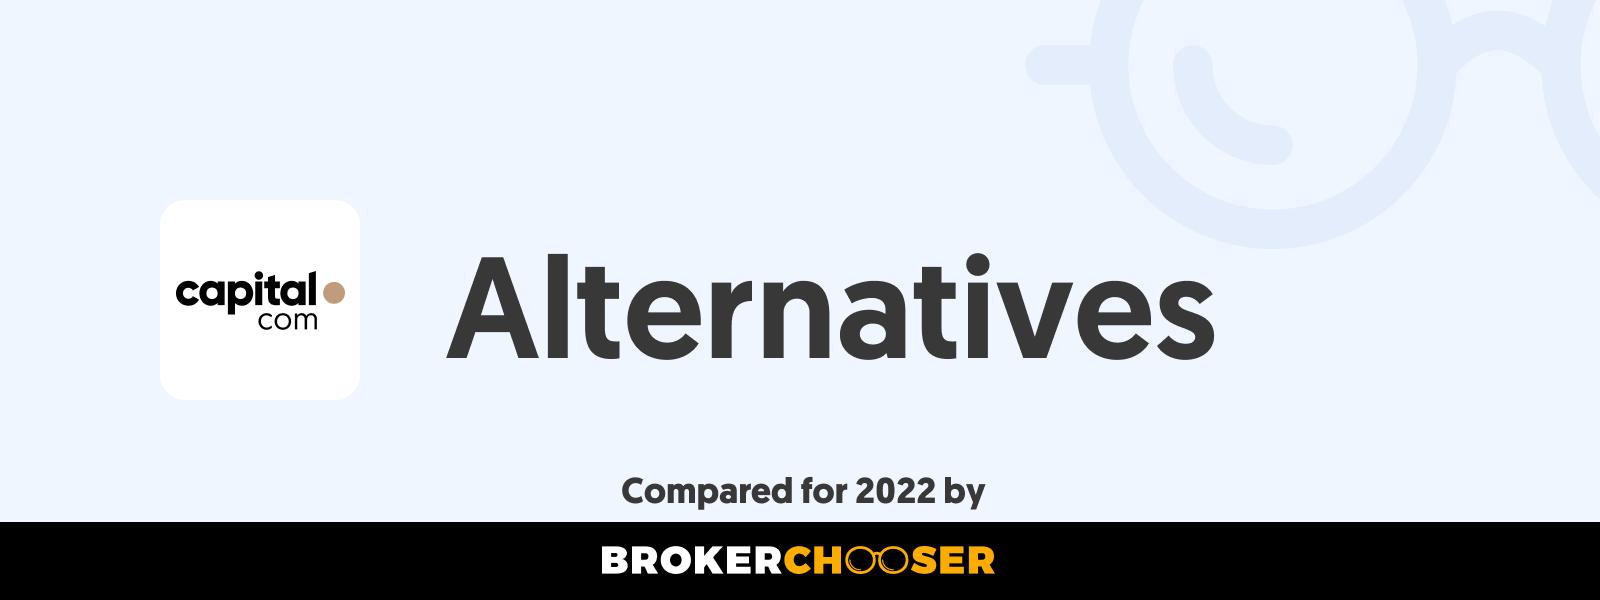 Capital.com Alternatives